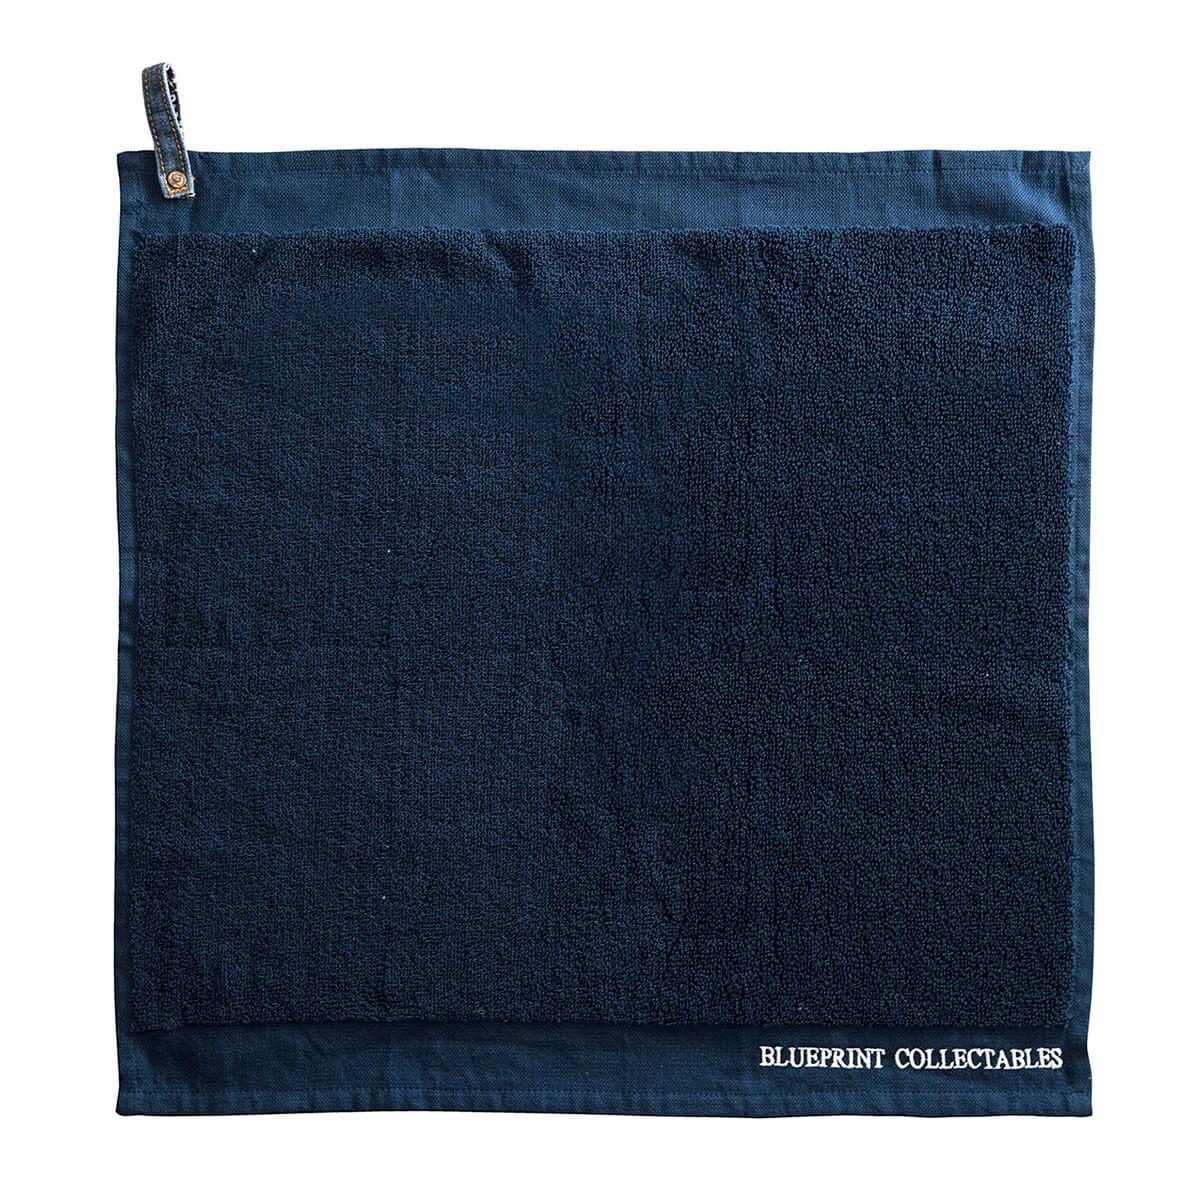 Онлайн каталог PROMENU: Полотенце для рук Laura Ashley BLUEPRINT, 50х50 см, темно-синий                                   178130